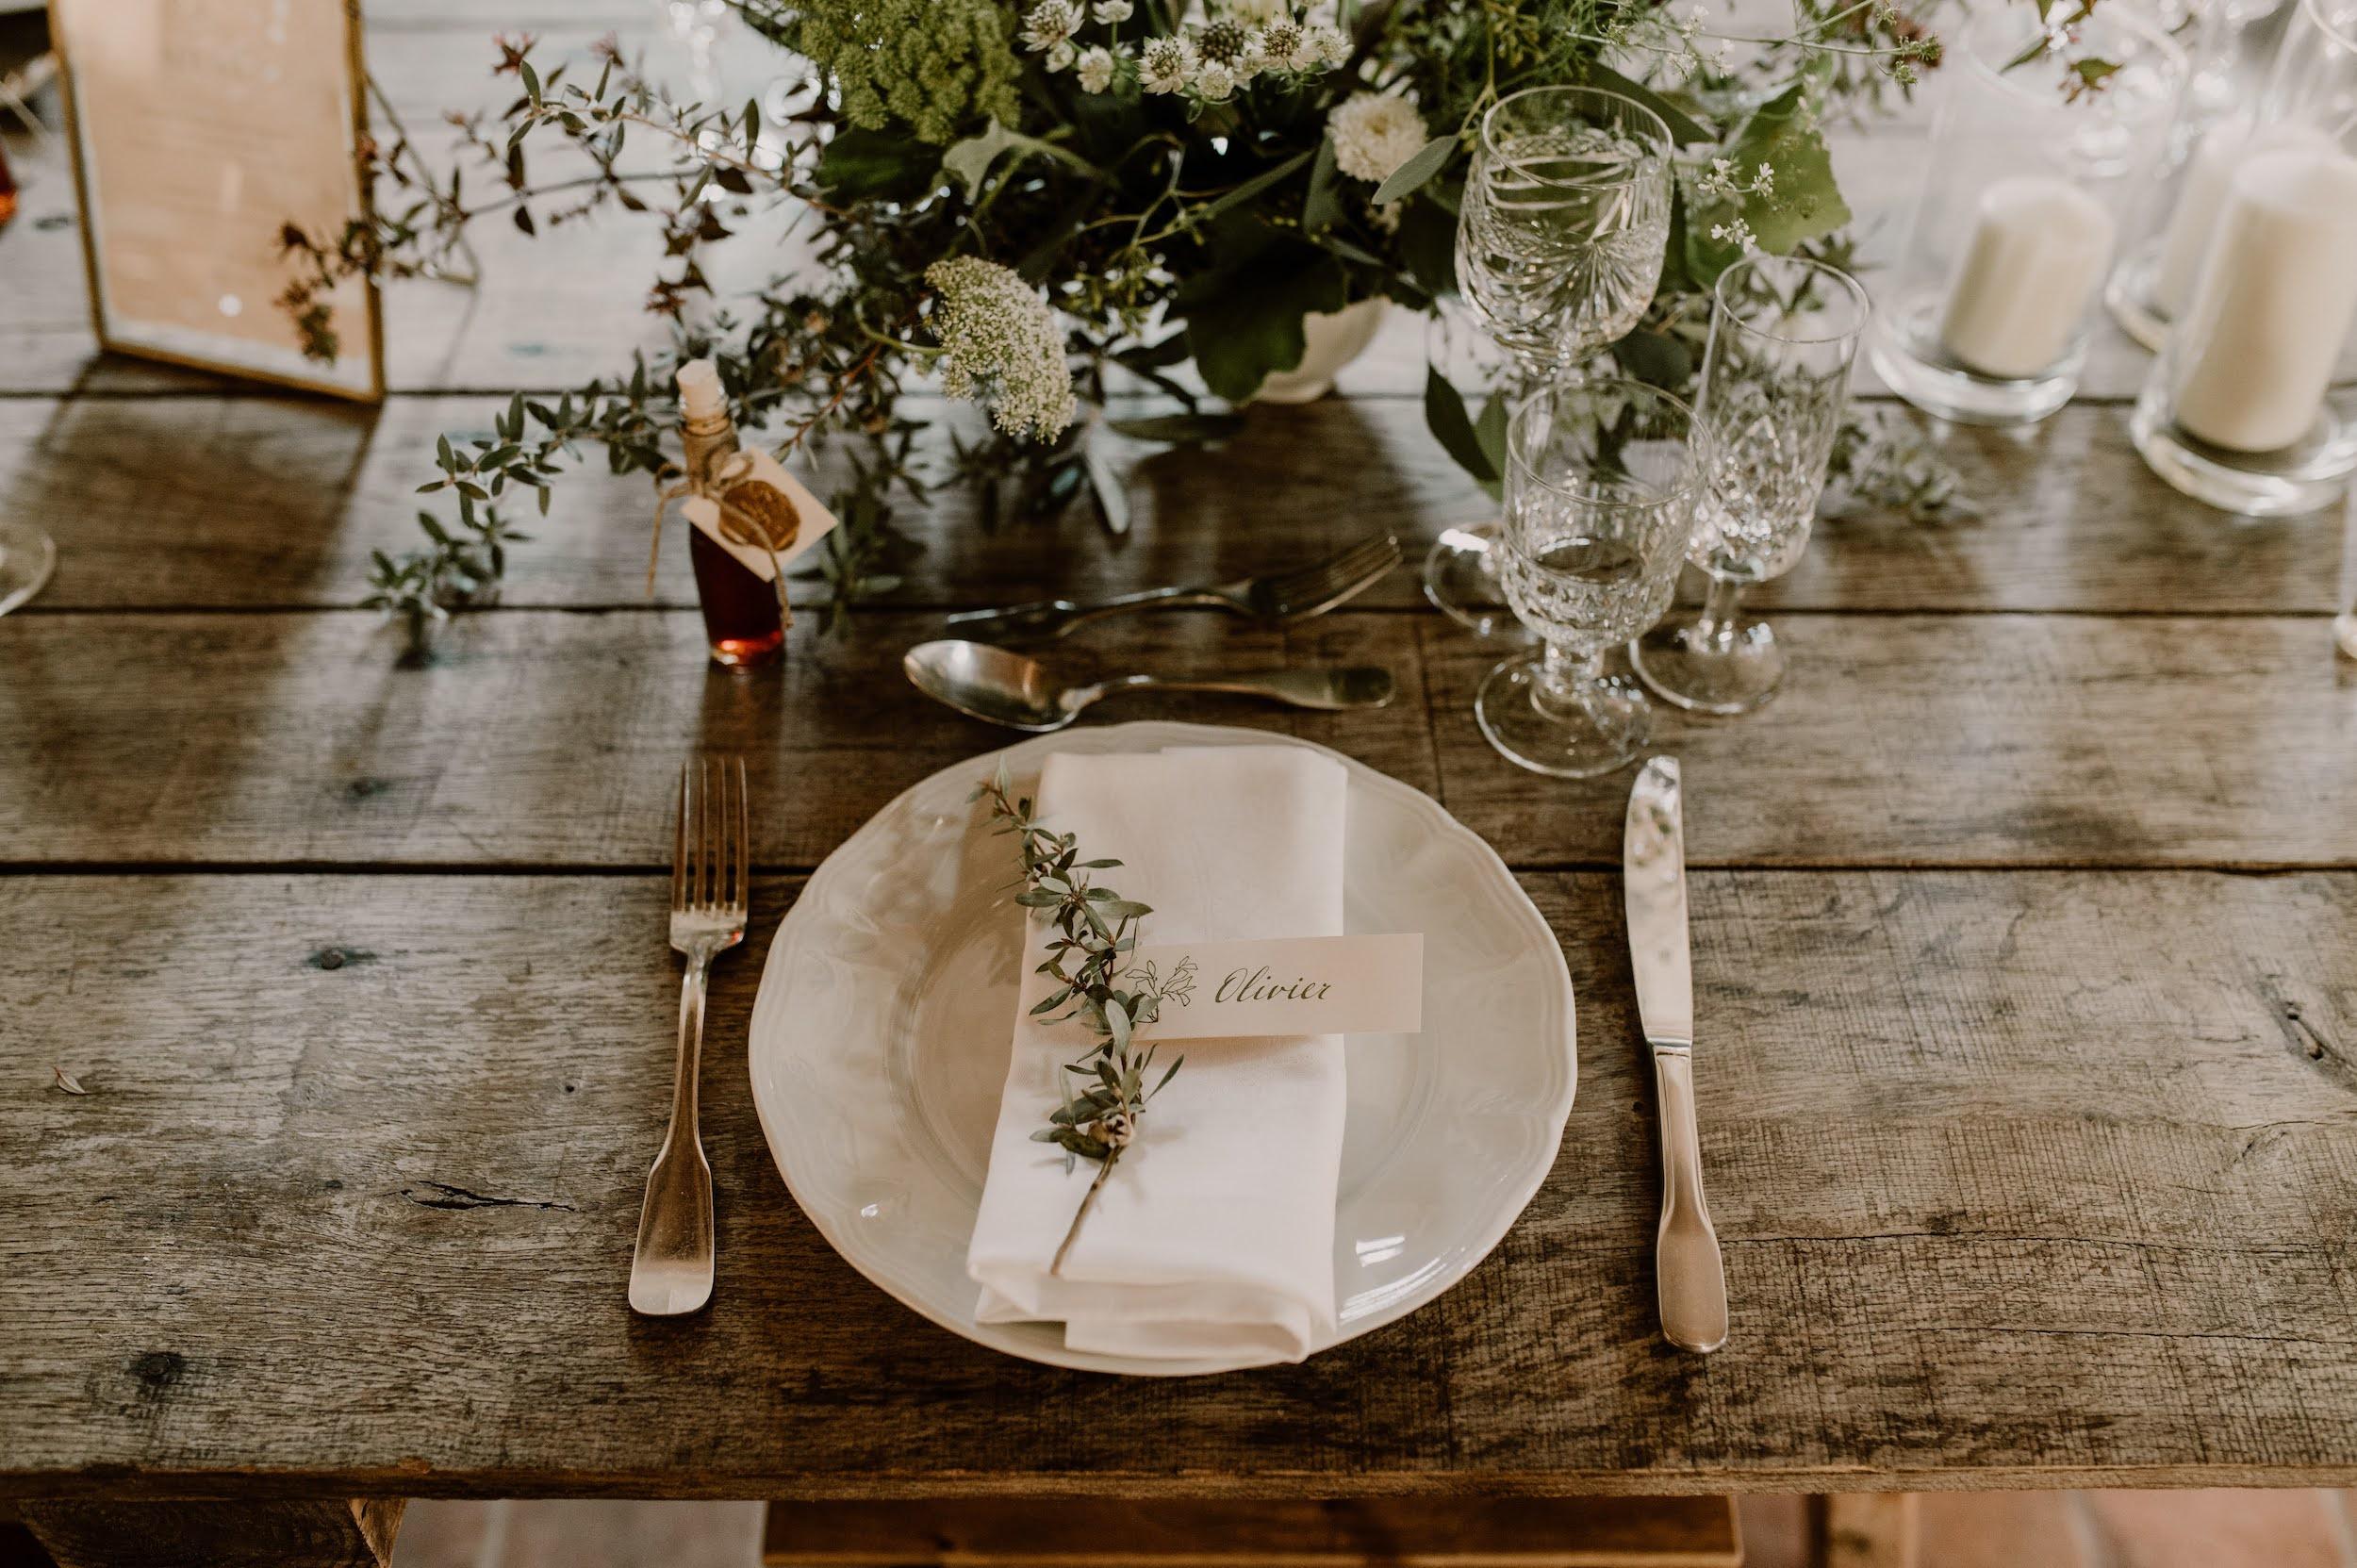 Reflets Fleurs - Fleuriste mariage et évènements - Paris et France